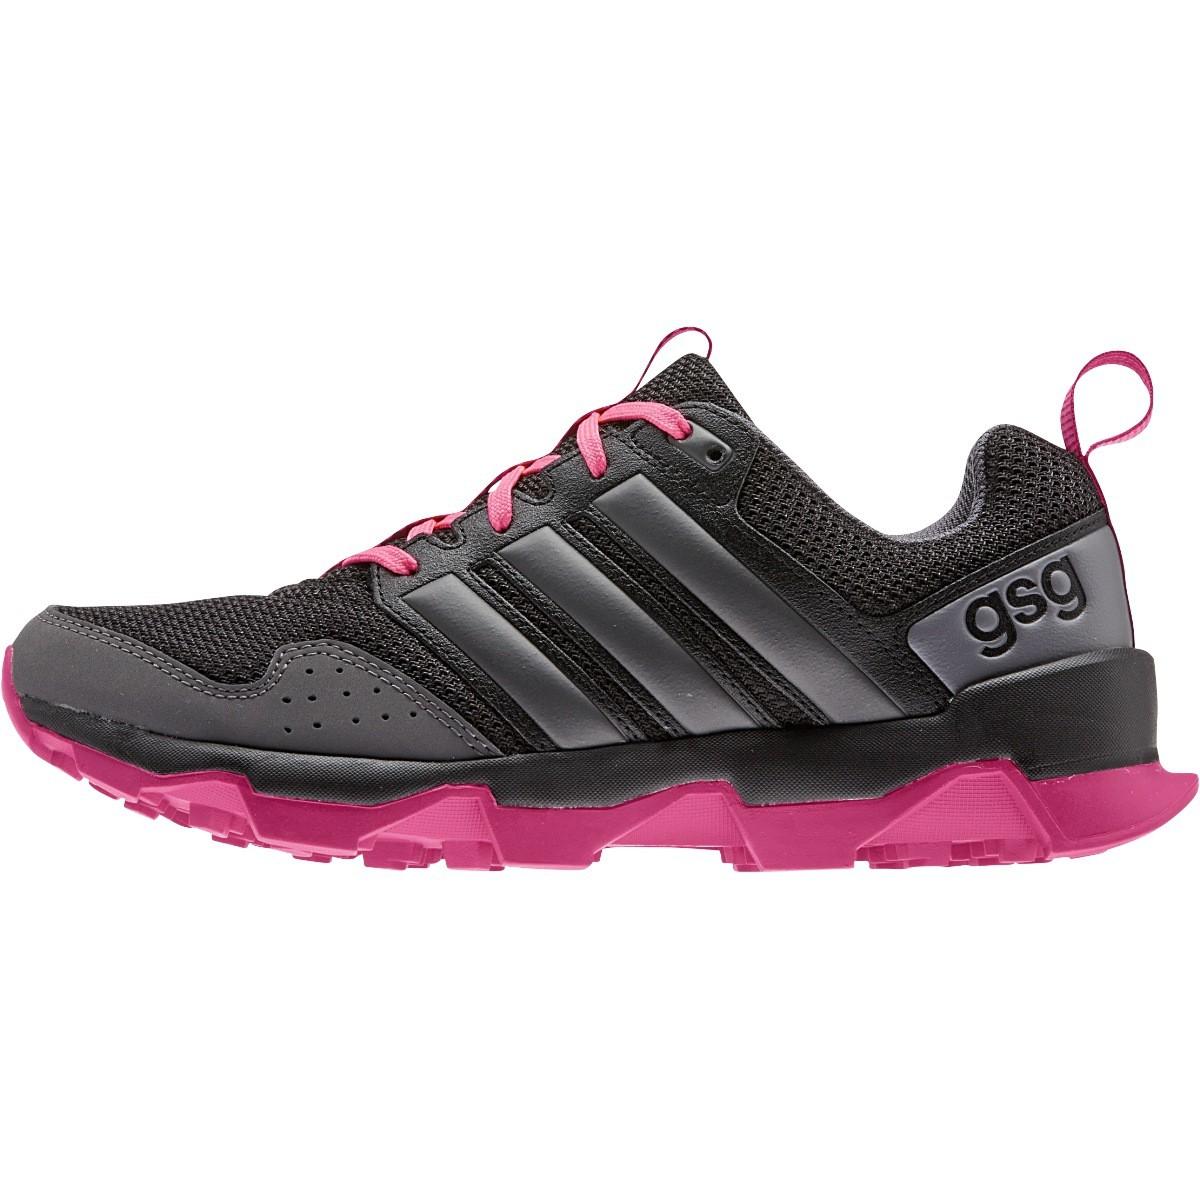 Dámské běžecké boty adidas gsg9 tr w  1accf9d0dd7